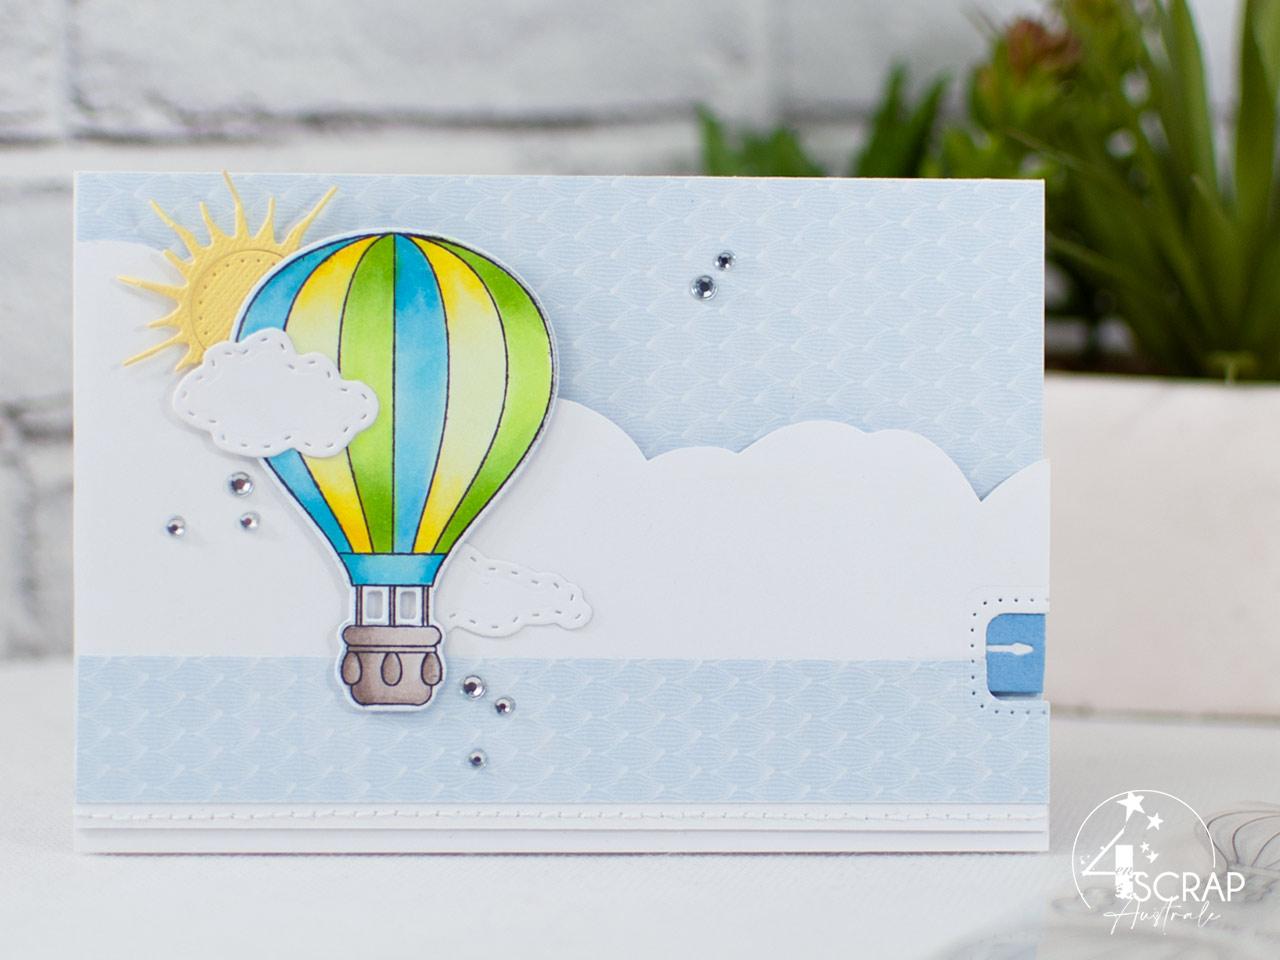 Création d'une carte à tirer avec une montgolfière sur fond nuages, soleil et la bannière qui apparait.